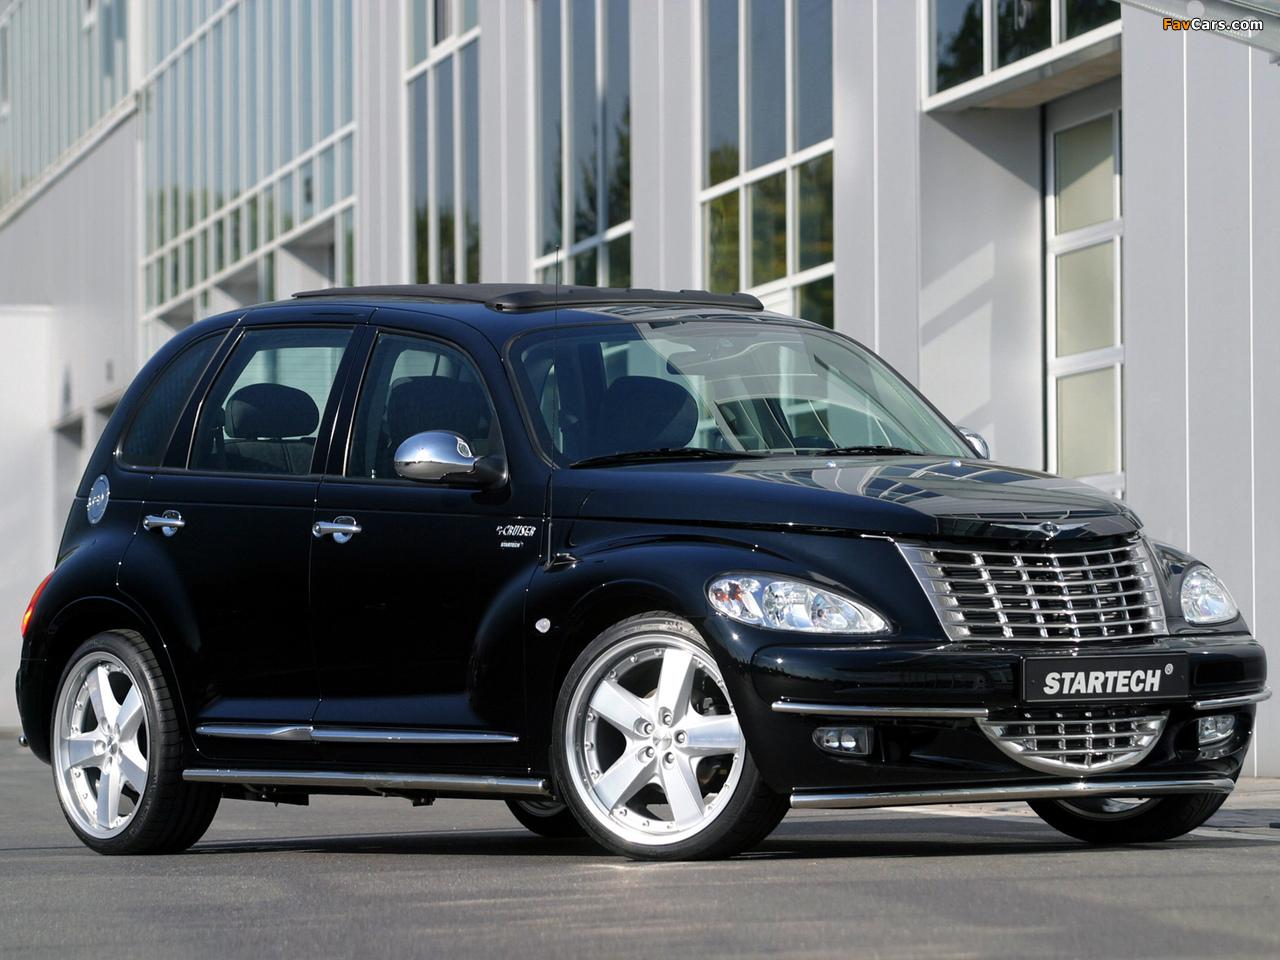 Startech Chrysler PT Cruiser 2001–06 photos (1280 x 960)